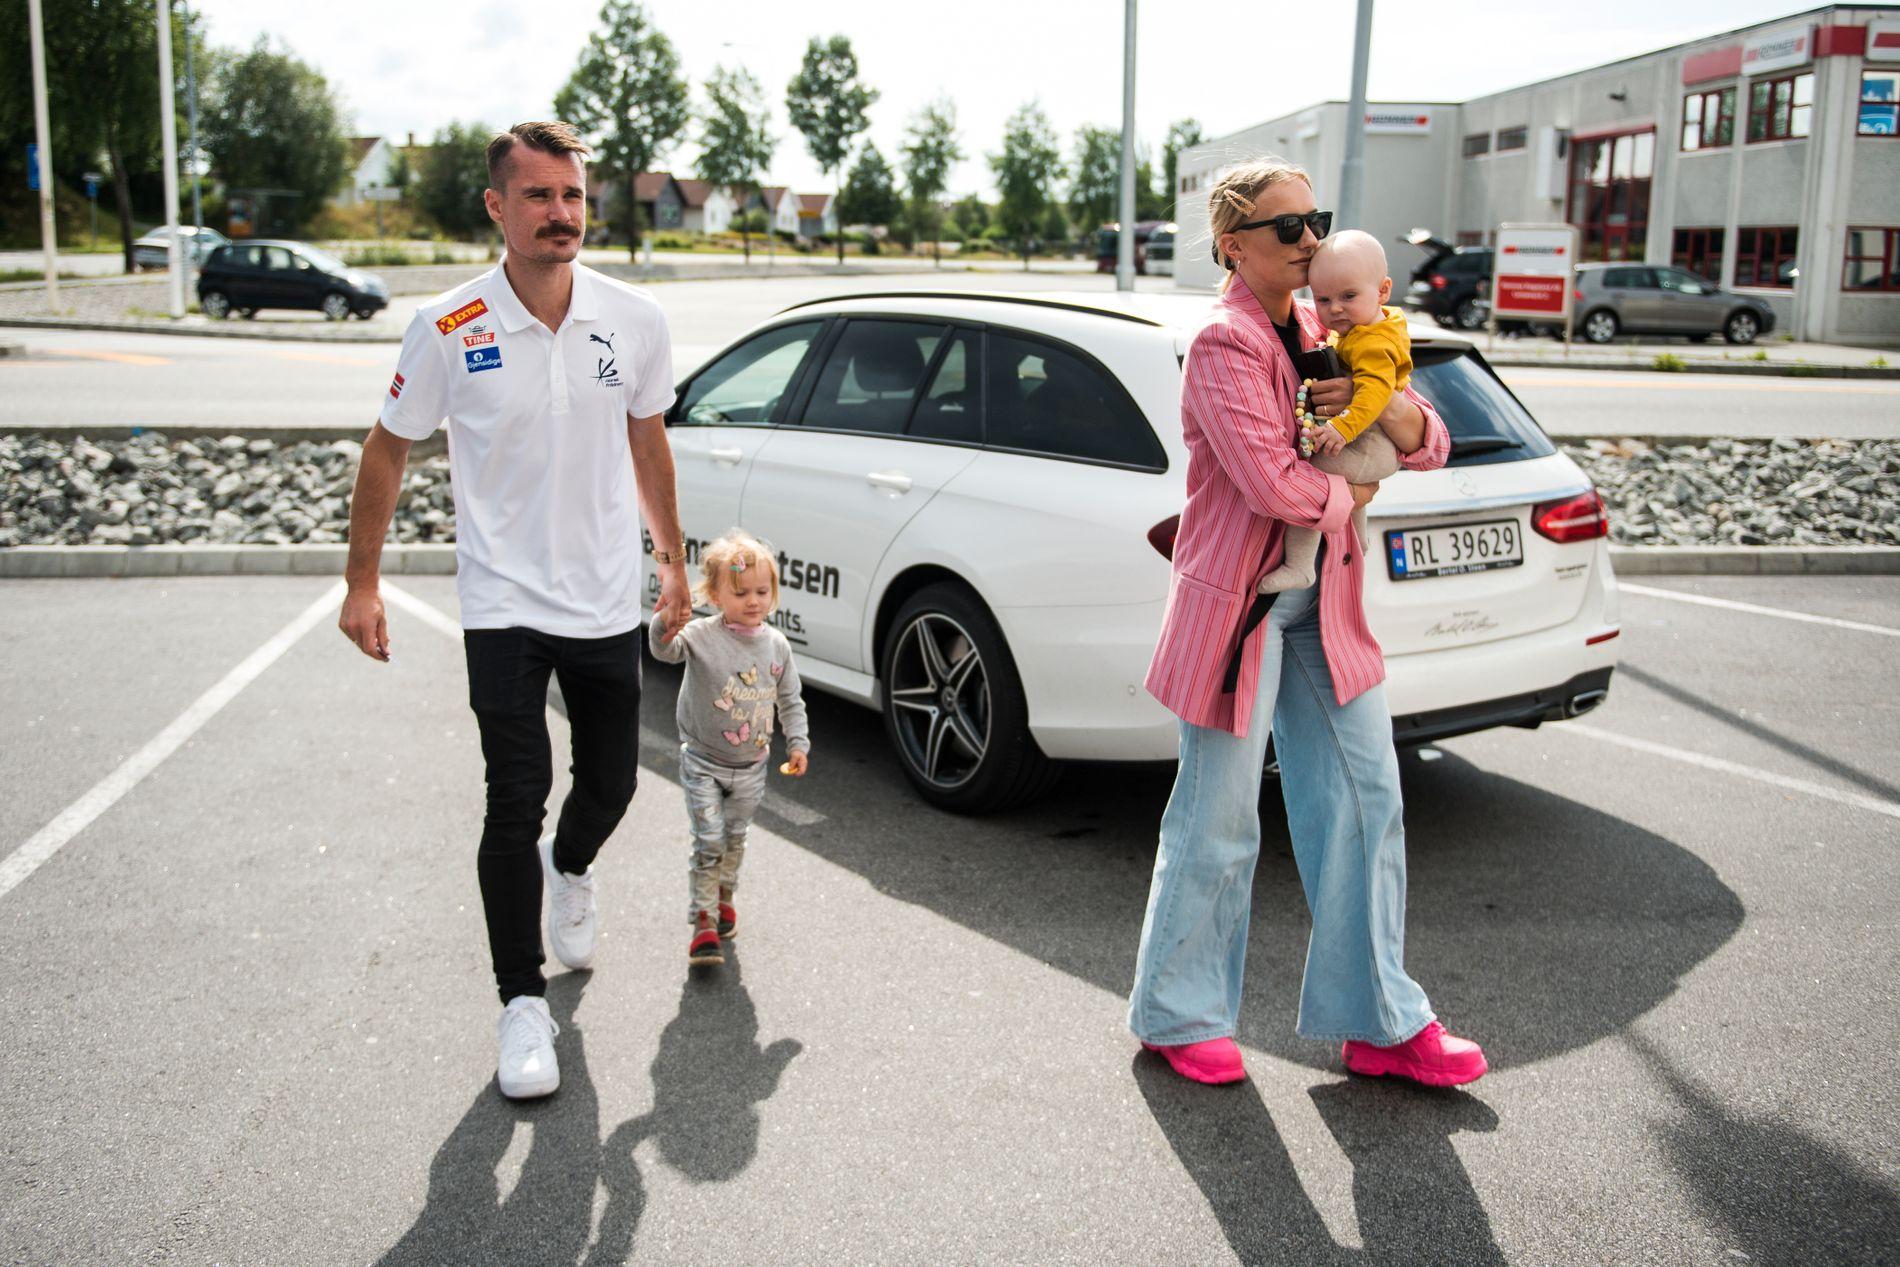 FORELØPIG STOPP: Henrik Ingebrigtsens mangeårige kjæreste og ektefelle Liva Børkja Ingebrigtsen vil ikke oppfylle hans ønske om flere barn før han har avsluttet toppidrettskarrieren.